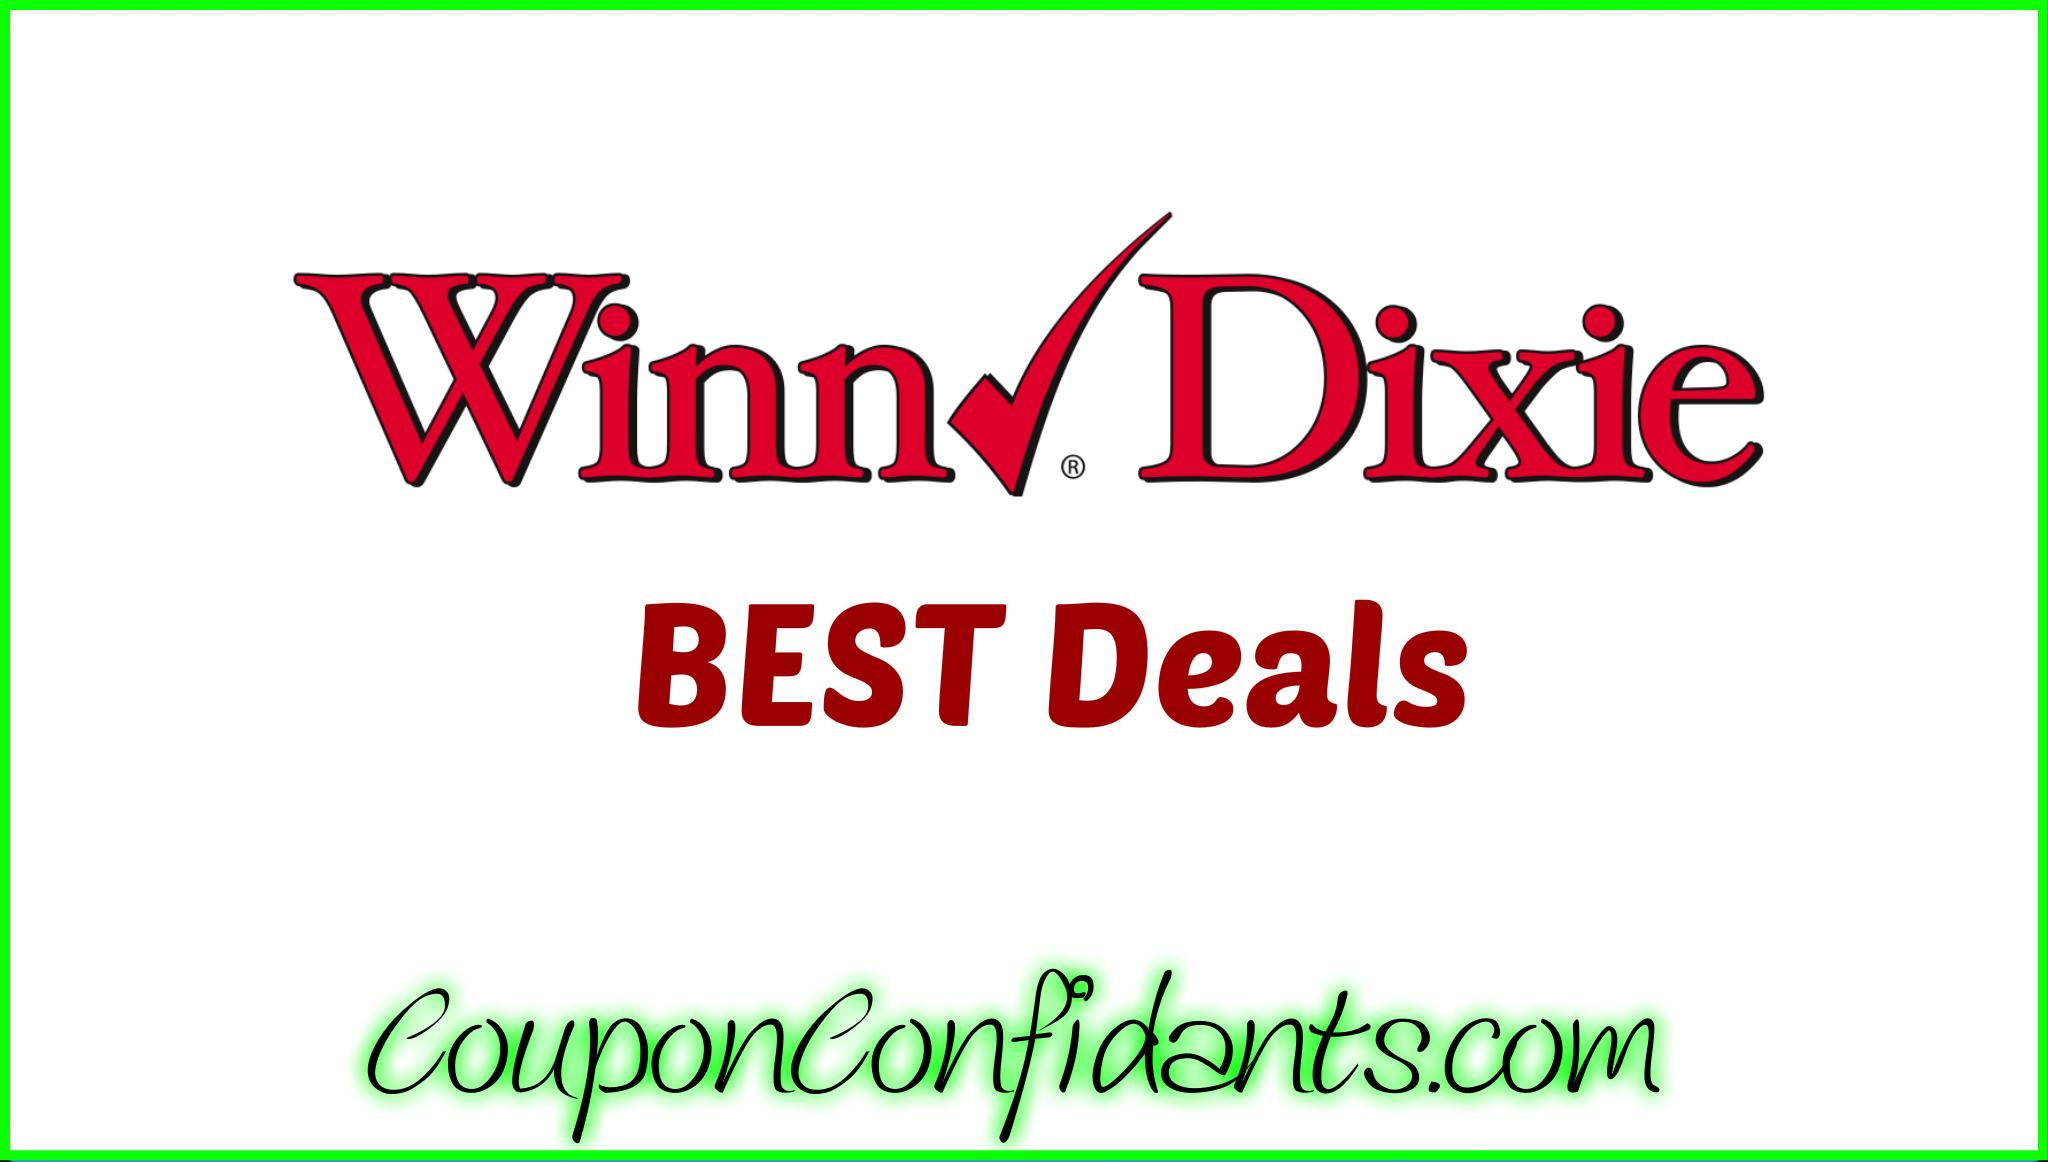 Winn Dixie Best Deals 3/29 - 4/4